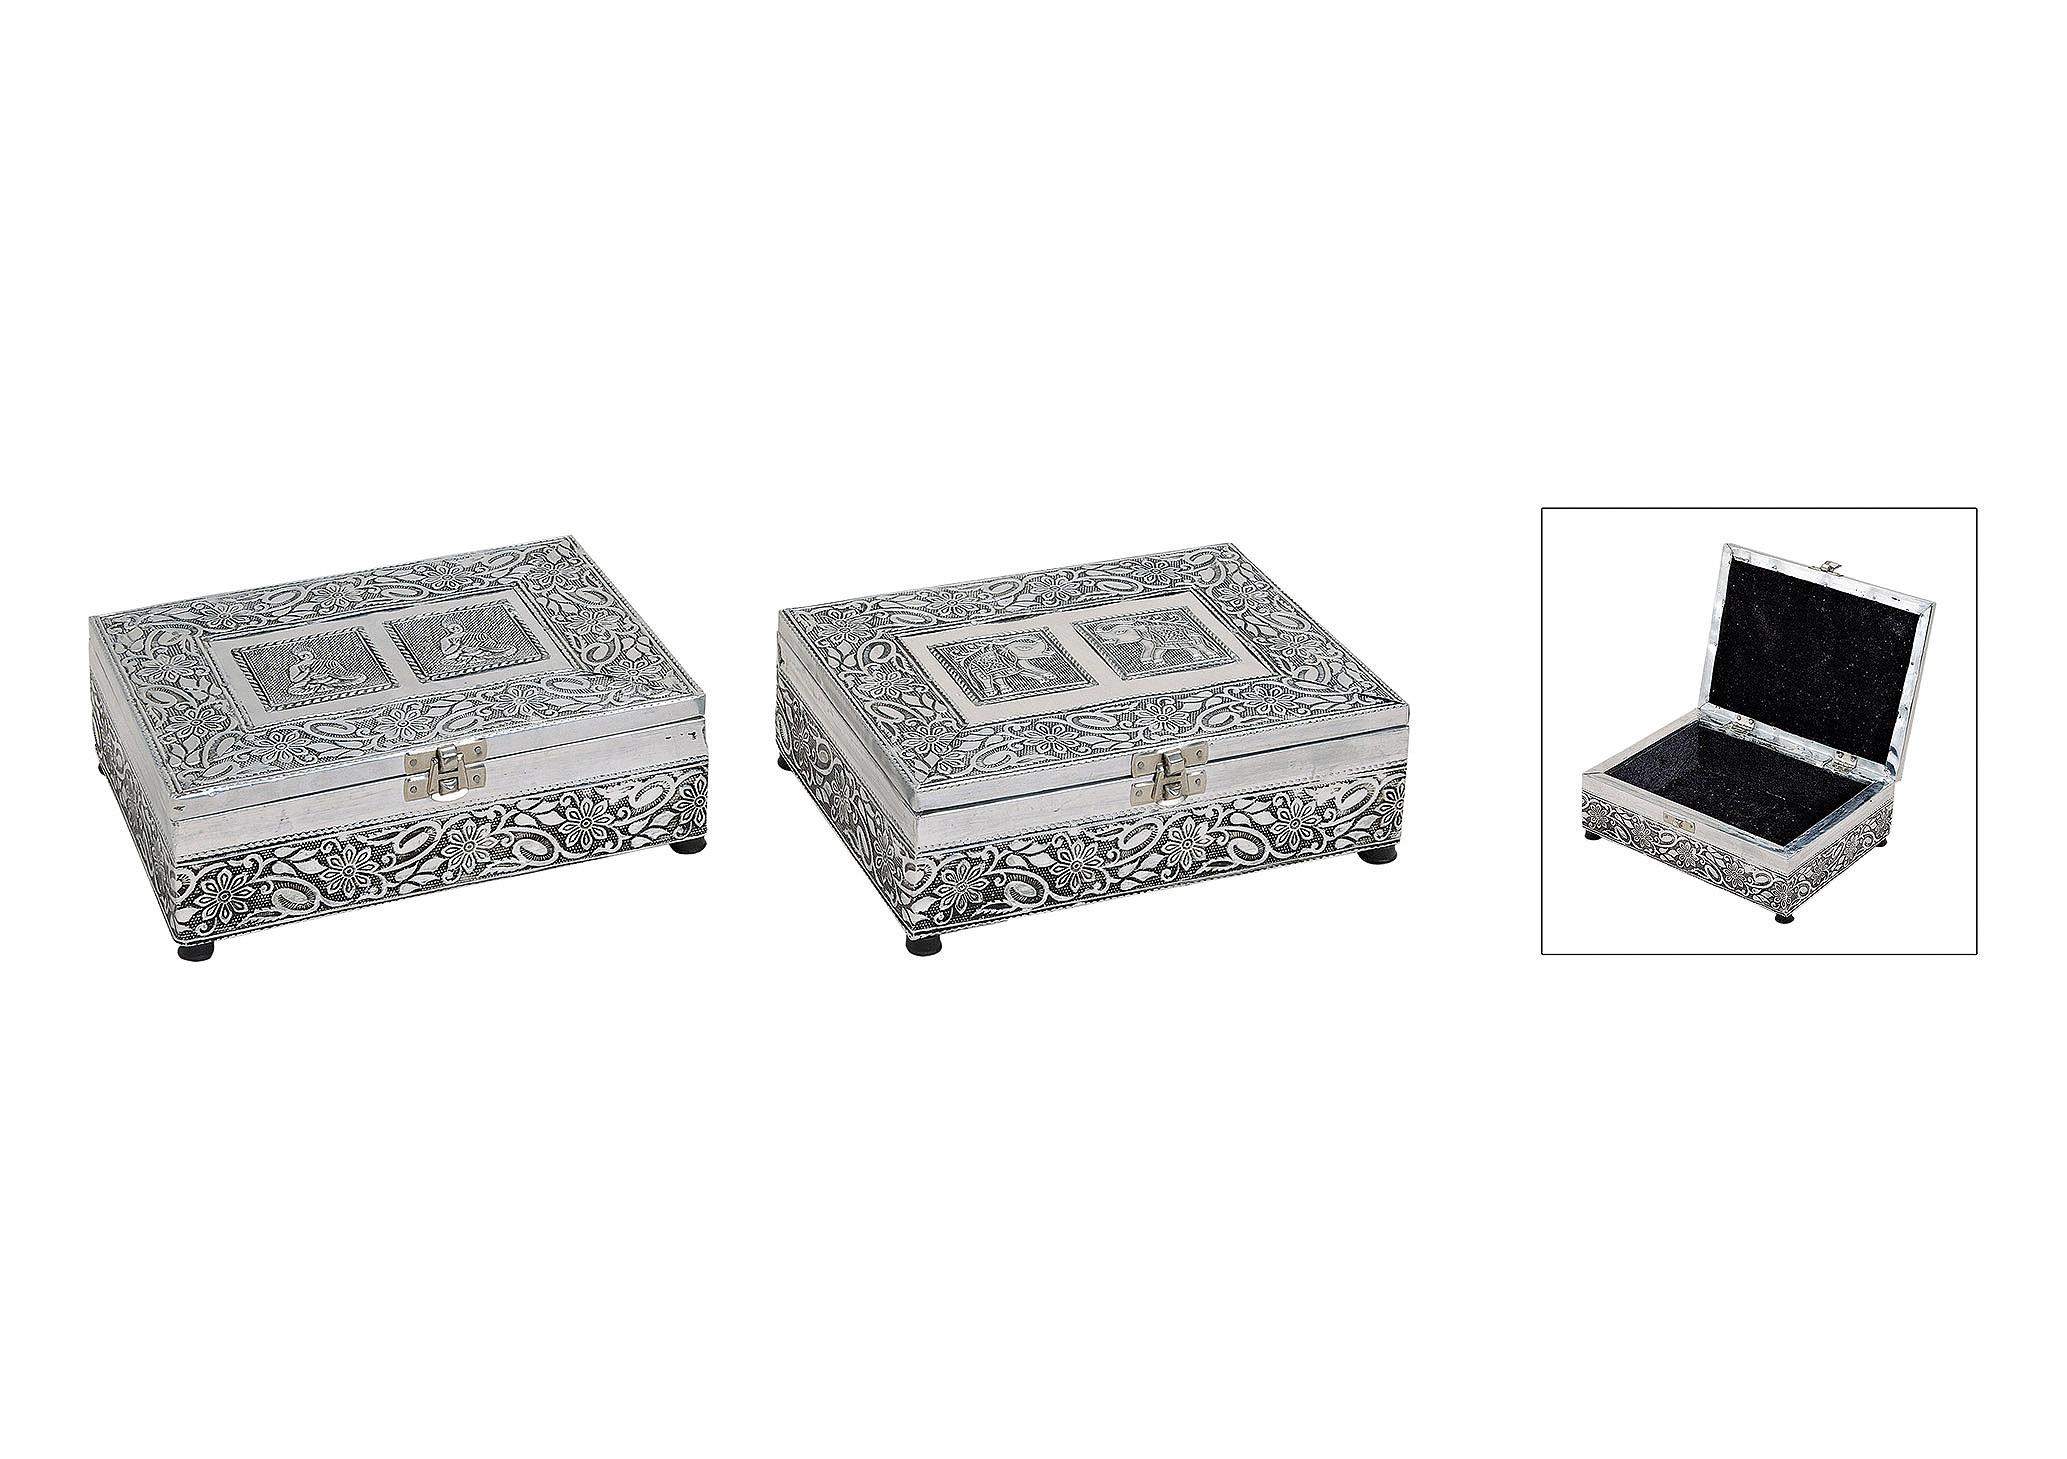 šperkovnice ORIENTAL 20x15x7 cm, kov a dřevo - 2 druhy